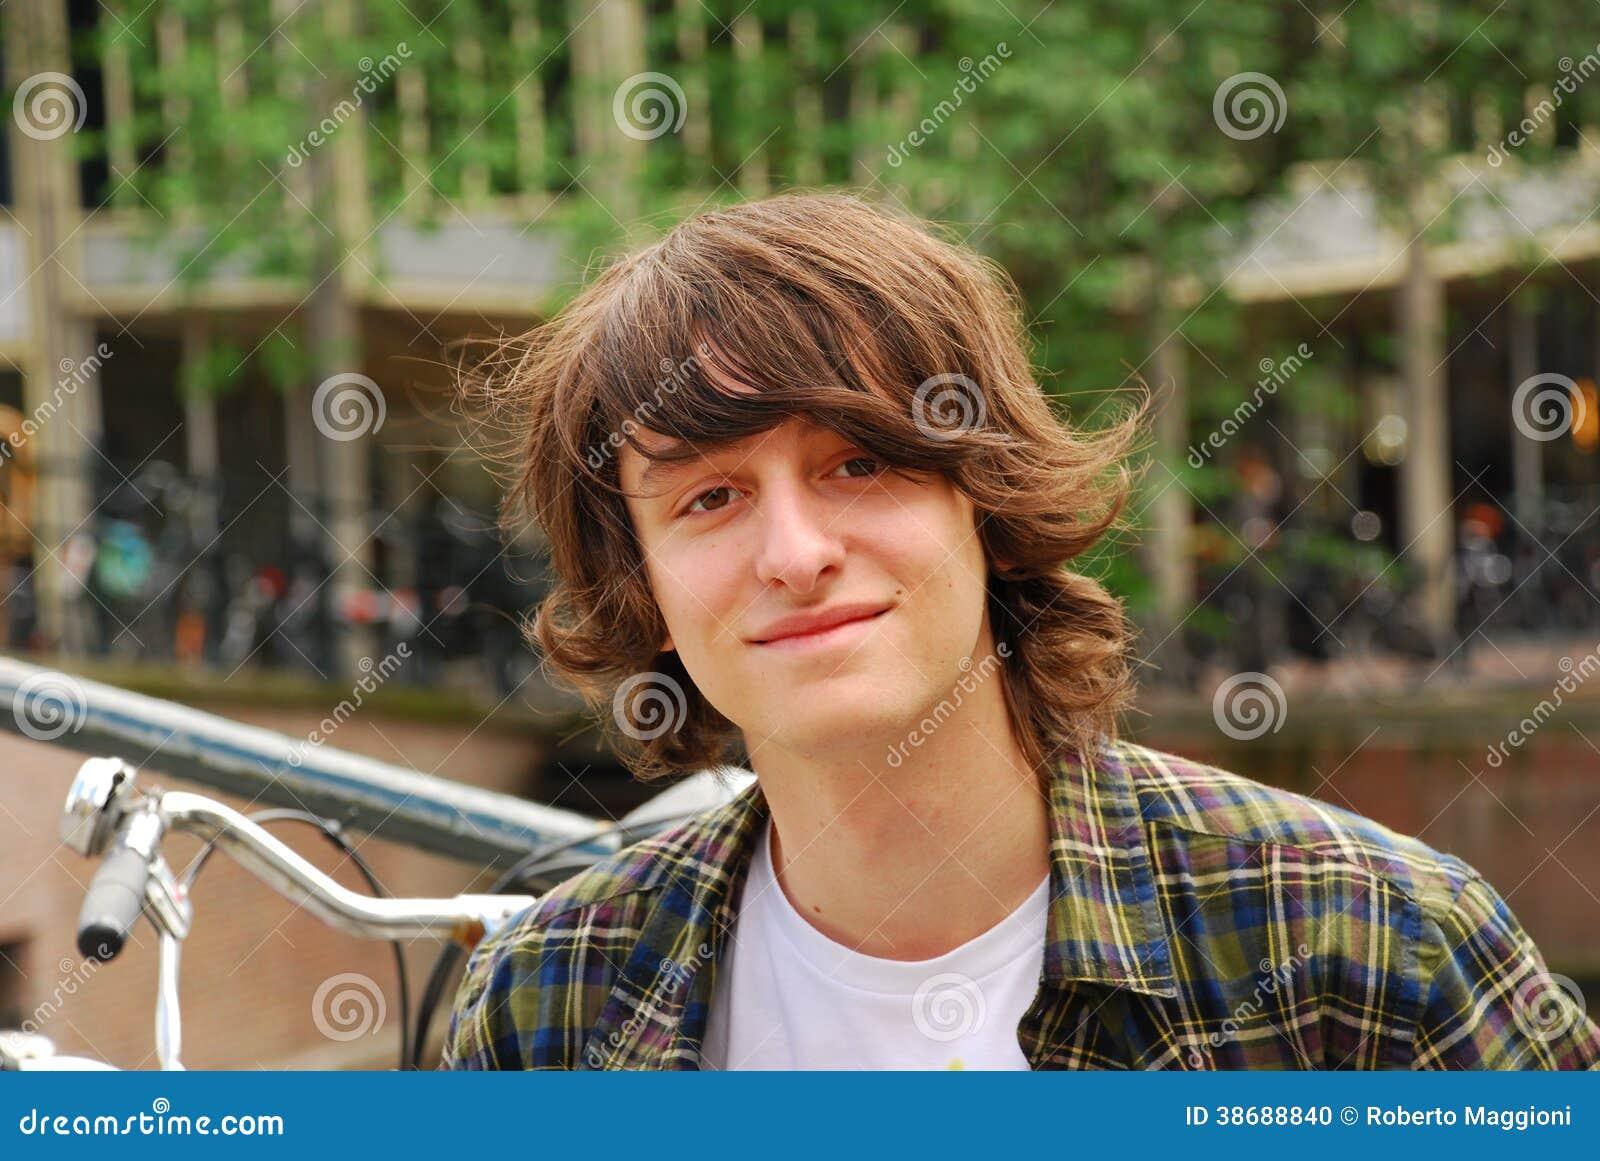 Jongensportret, 16 jaar oude tiener met lang haar